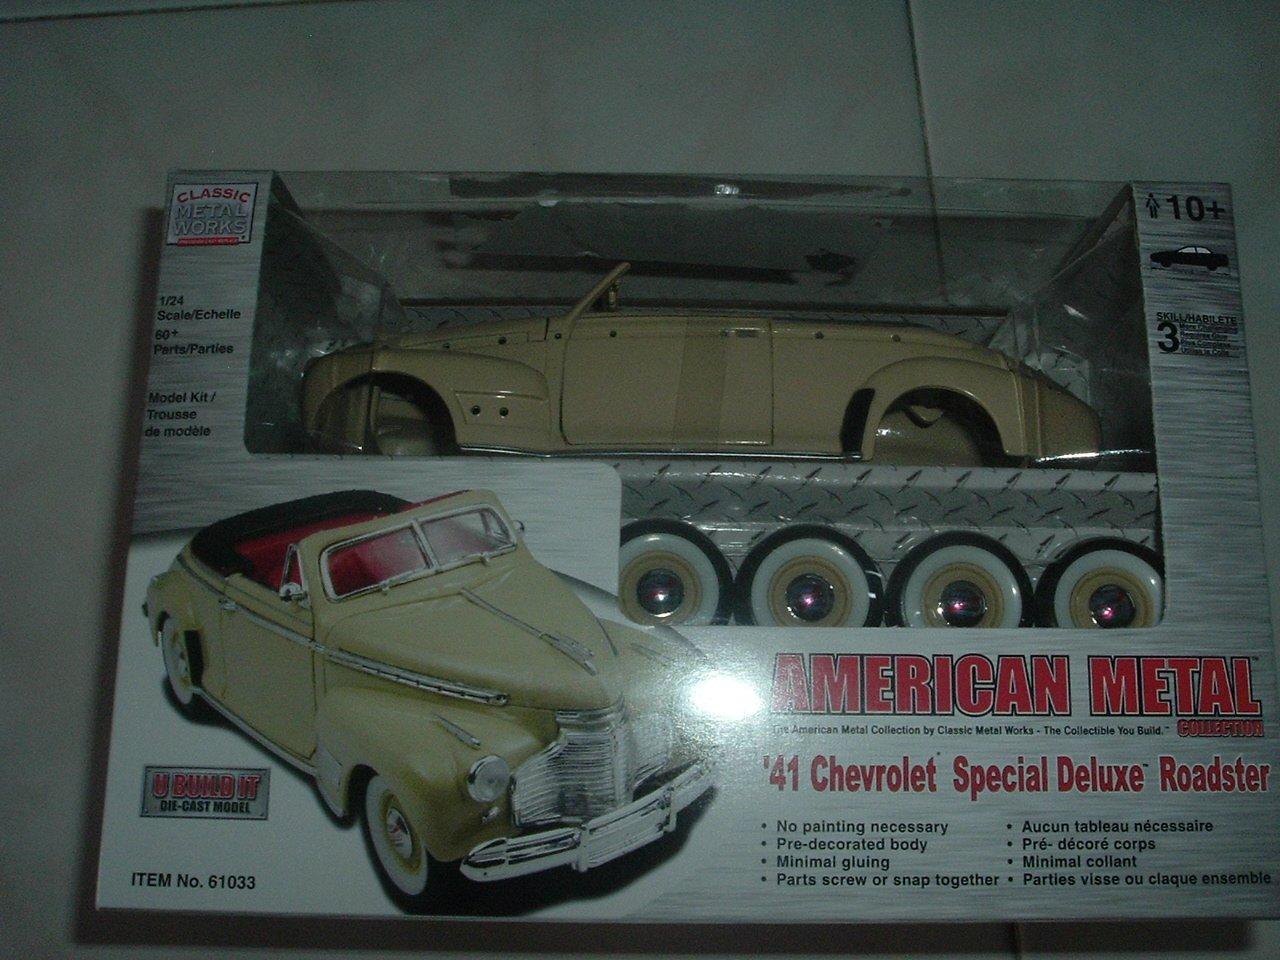 Die-Cast Metal 41' Special Deluxe Roadster Model Kit